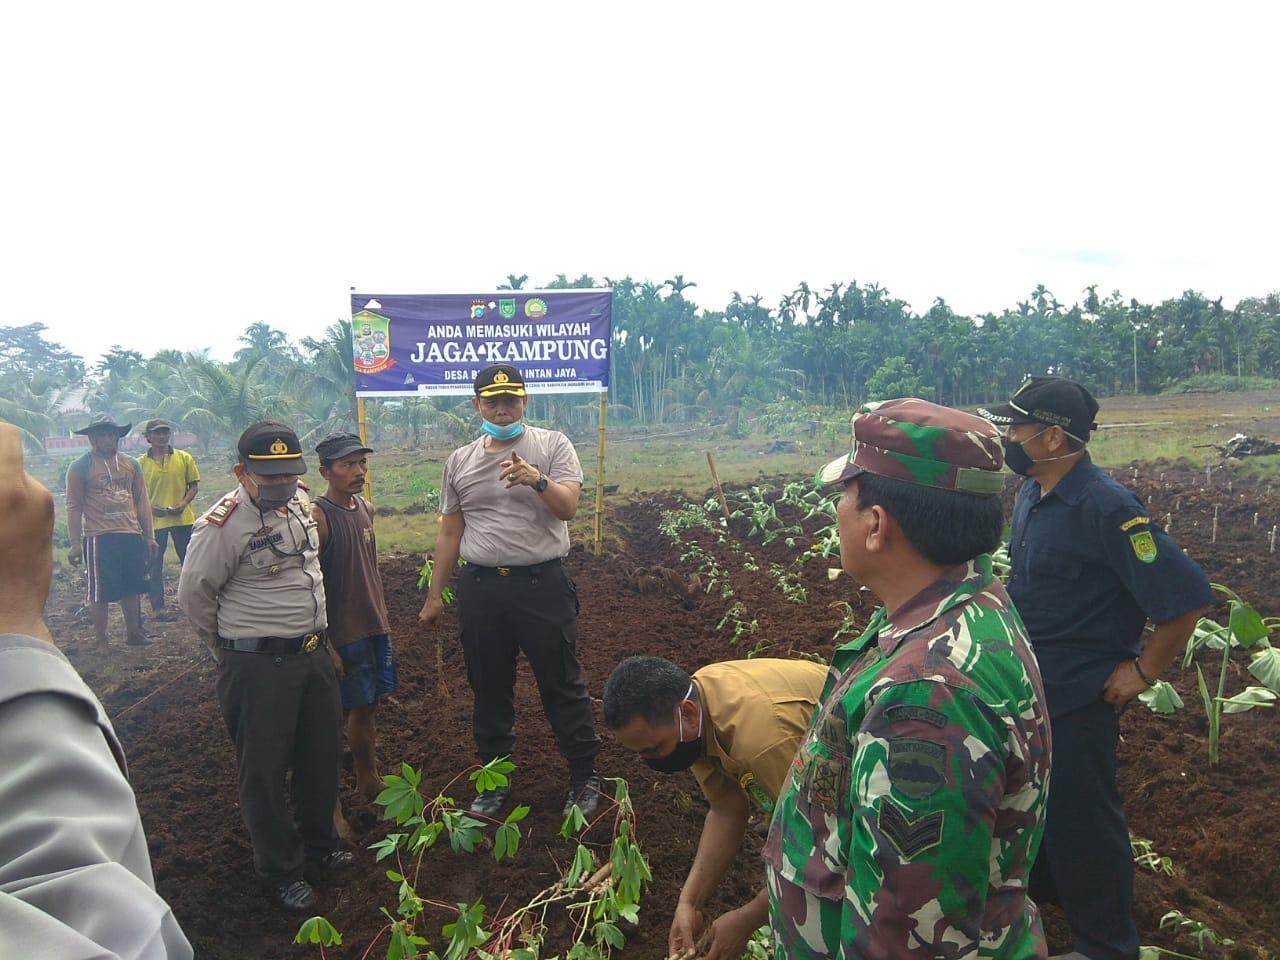 Waka Polres Inhil, Riau Tinjau Lahan Jaga Kampung Nusantara